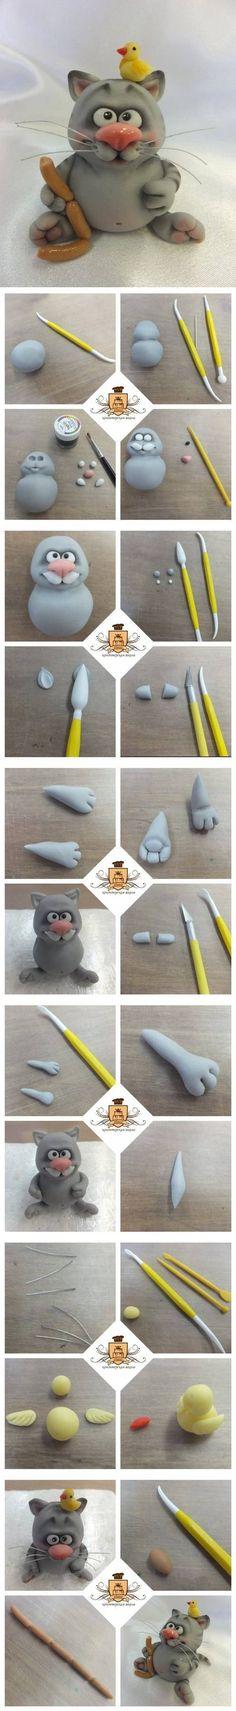 DIY Polymer Clay Cute Cat